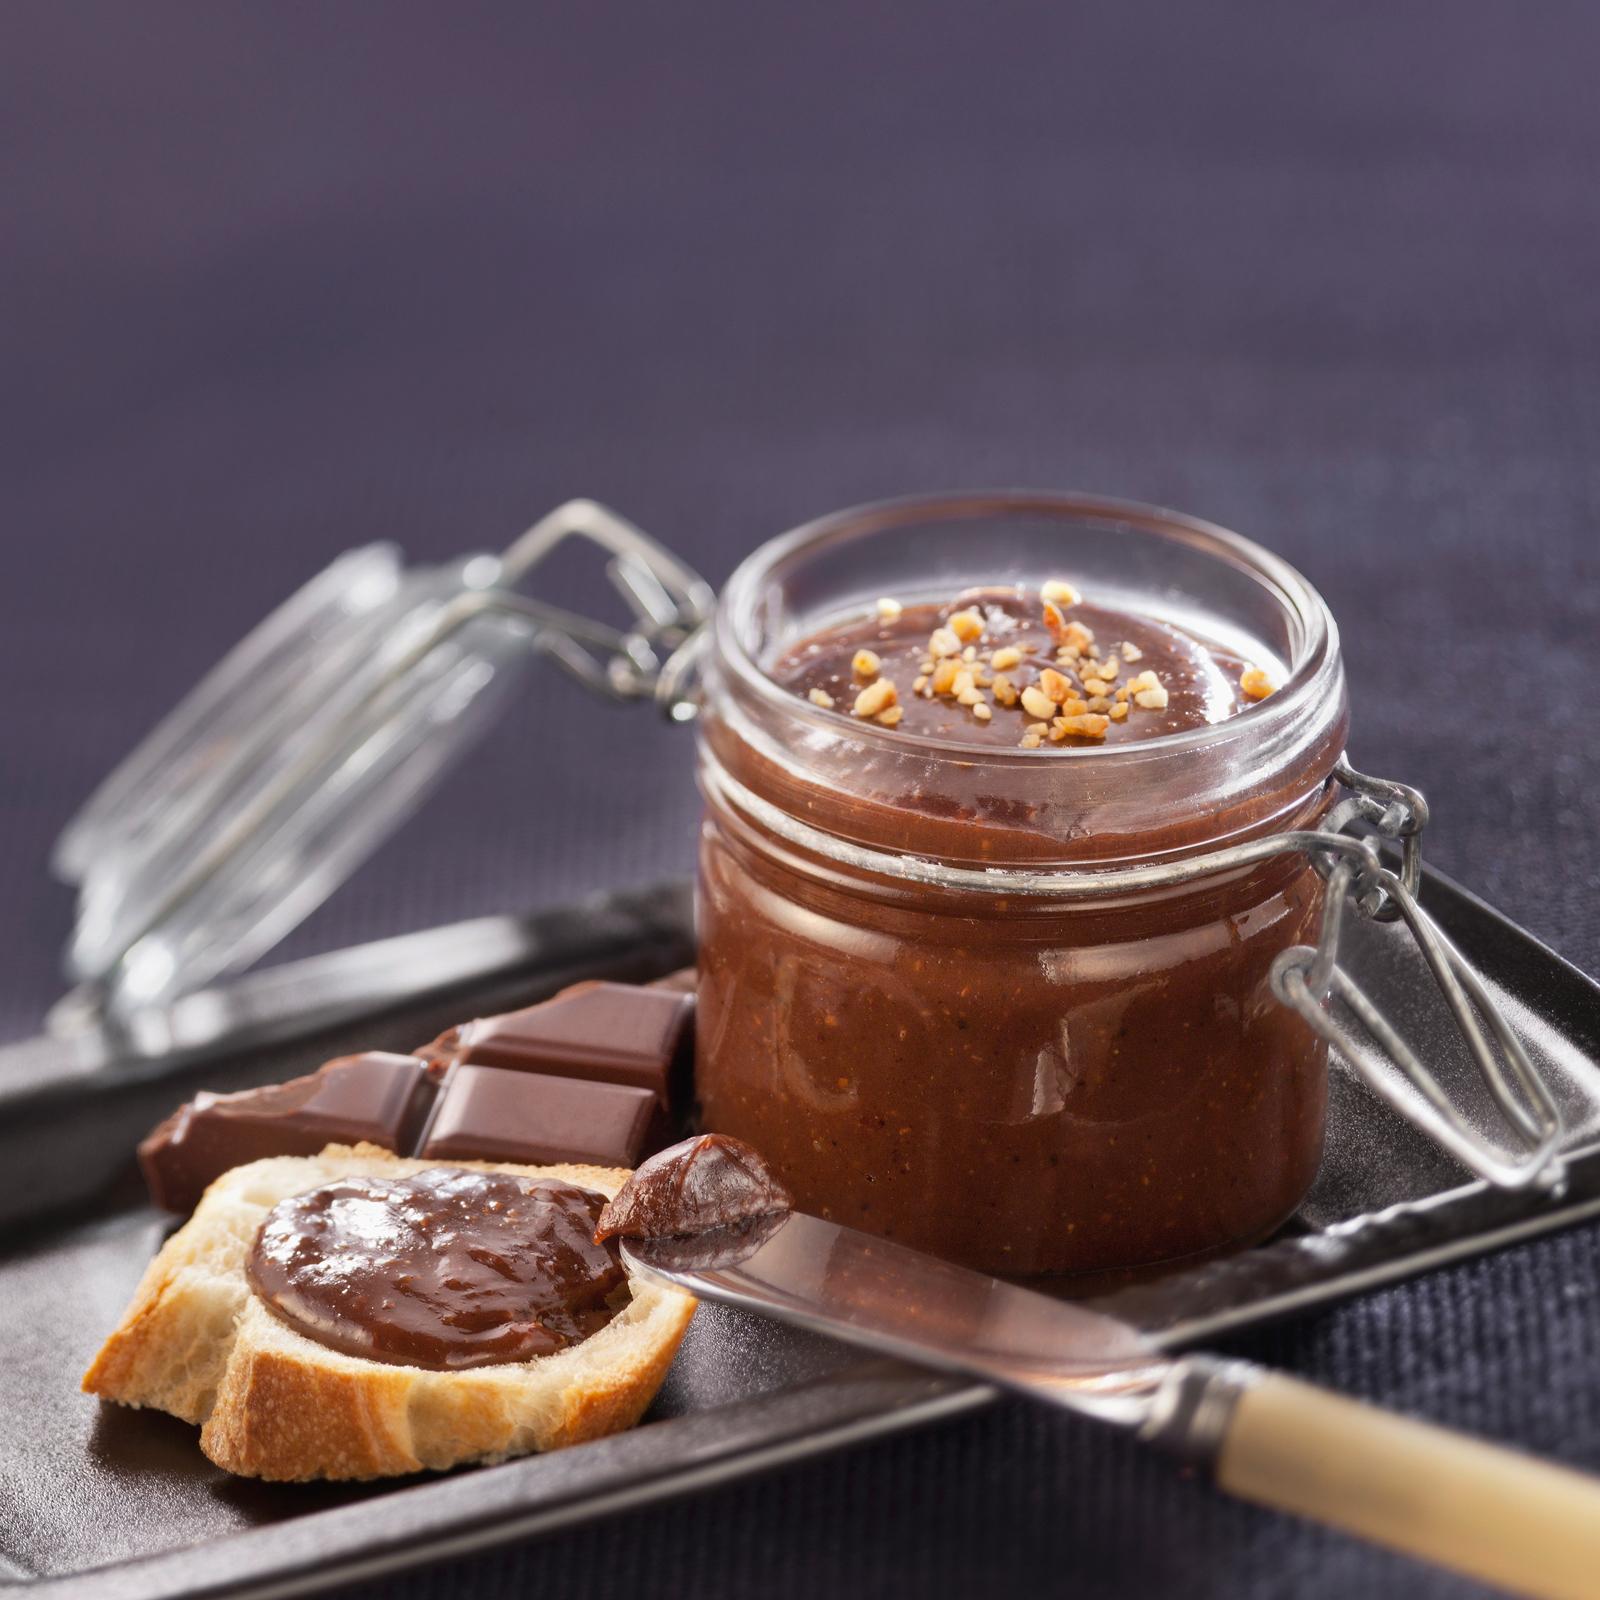 Recette pâte à tartiner chocolat noisette <br>